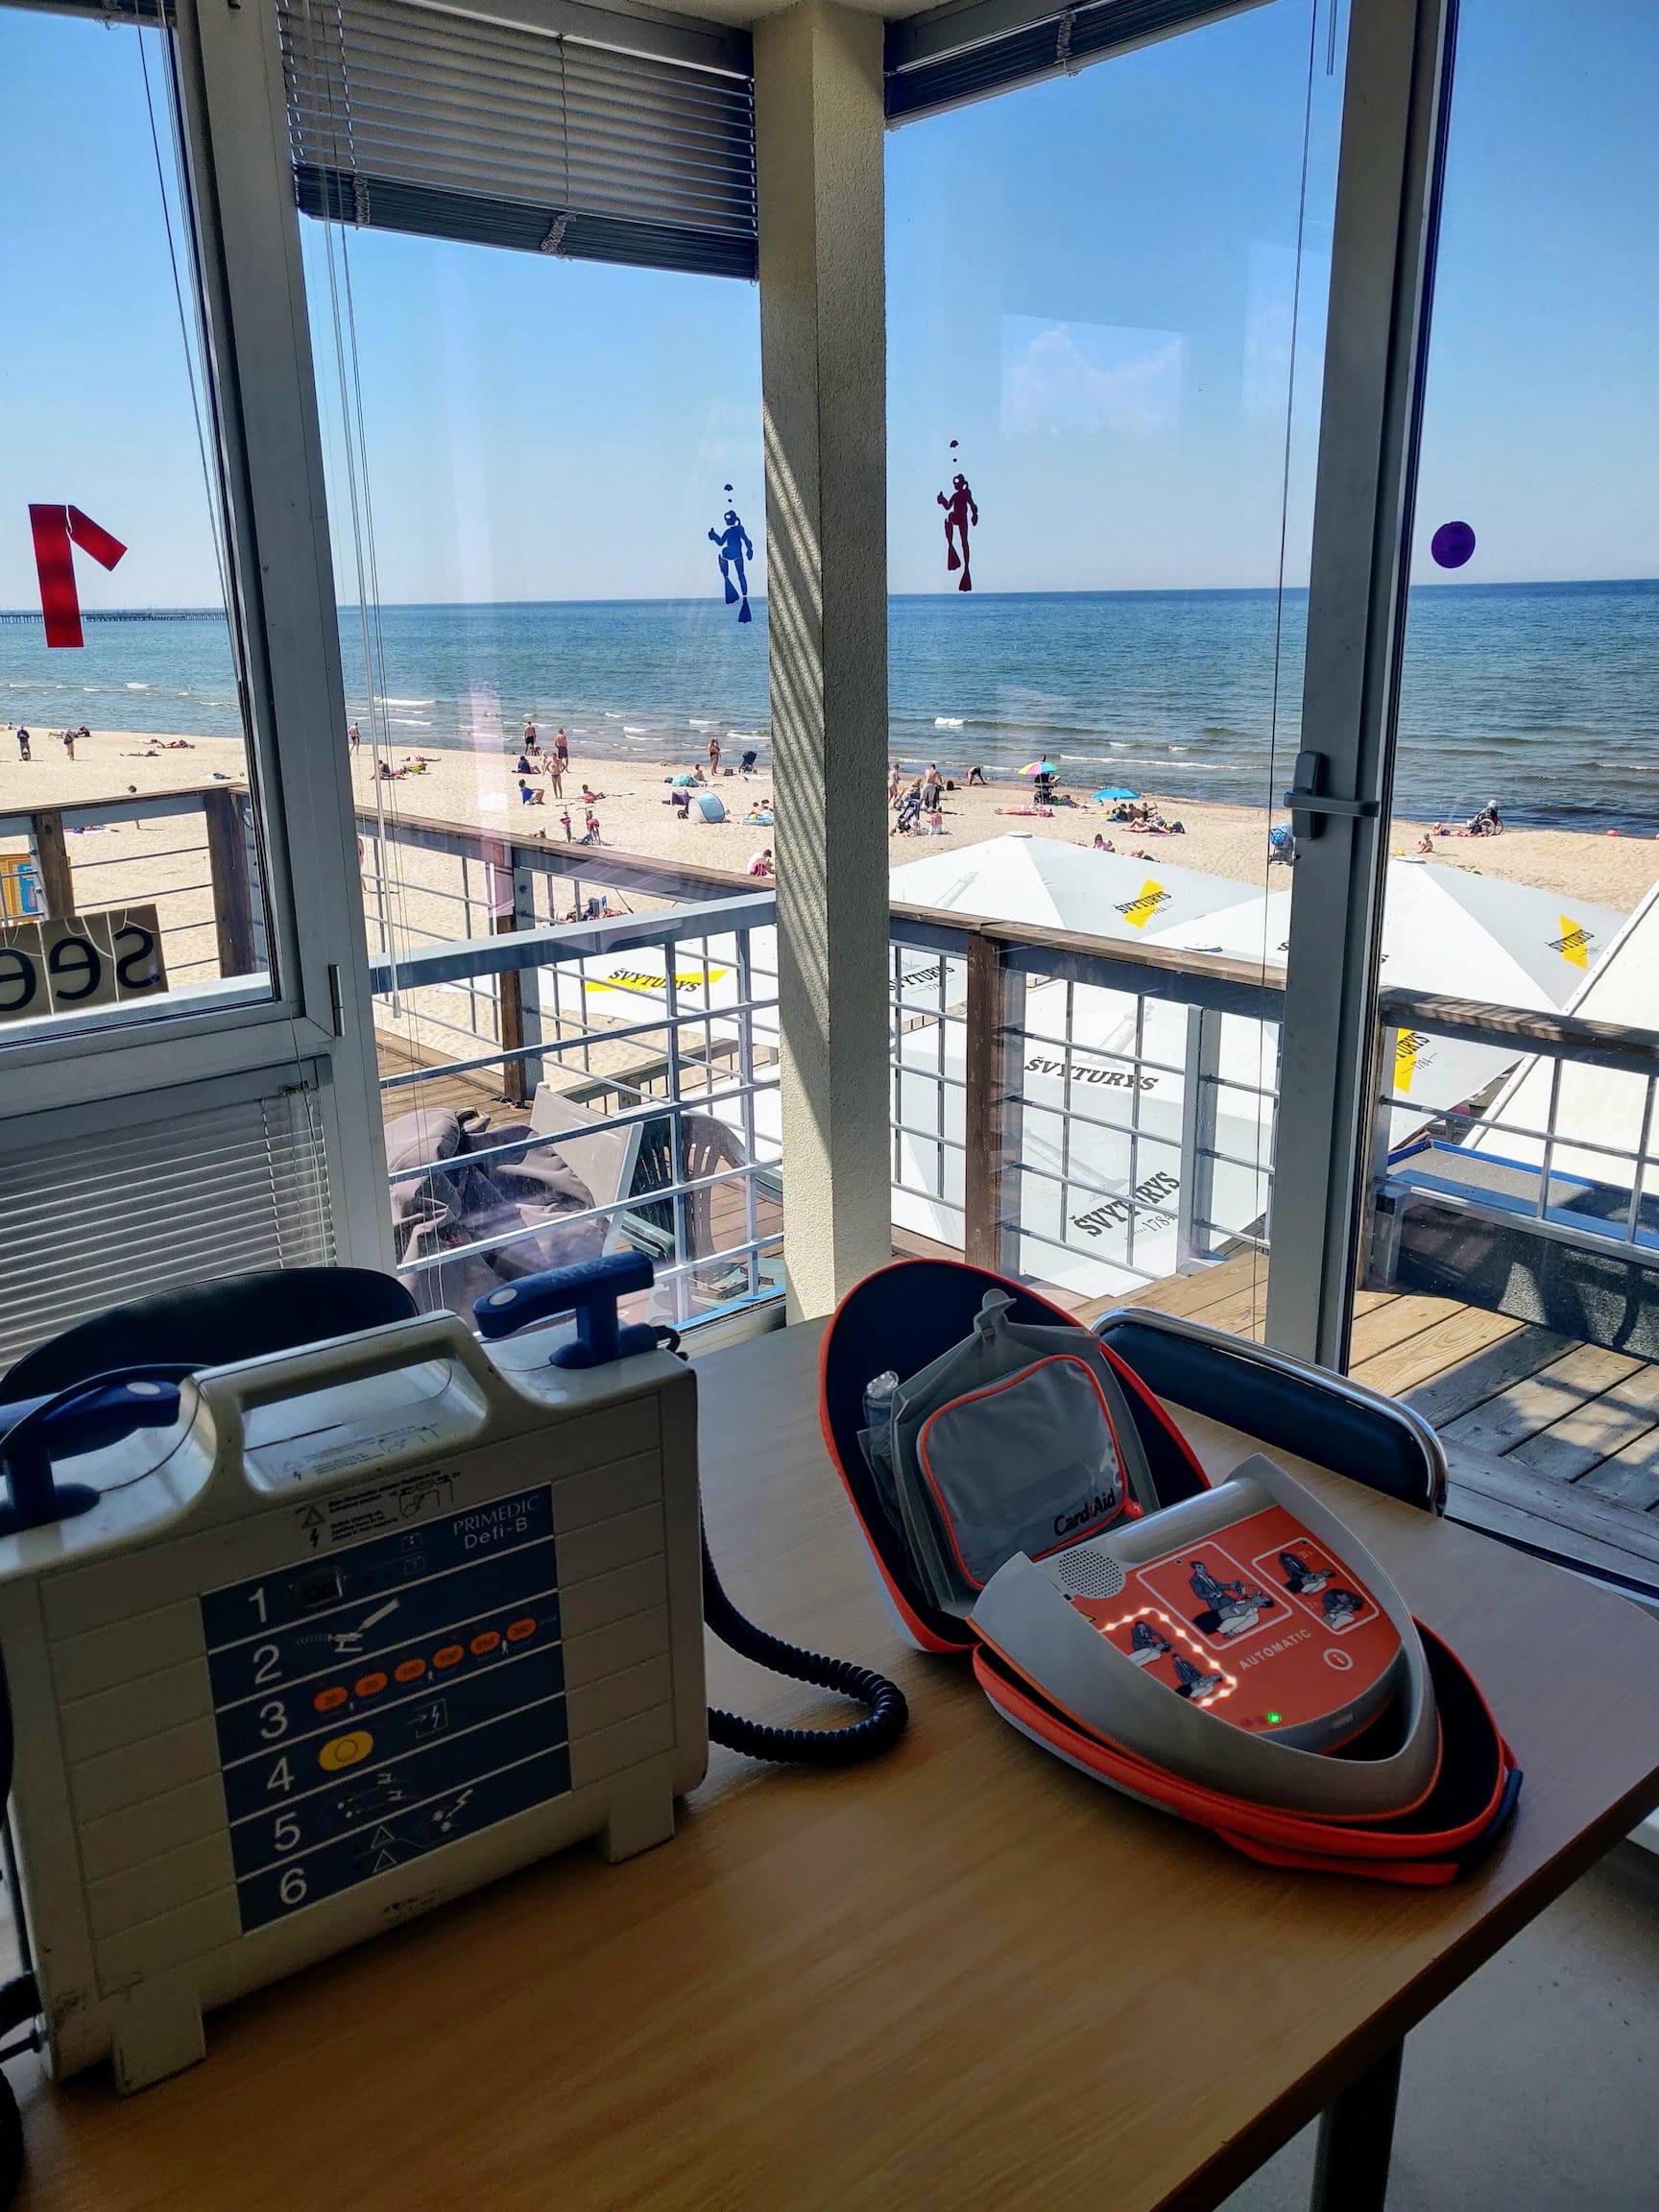 Automatiniai išoriniai defibriliatoriai Palangos miesto gelbėjimo stotyje iš arti